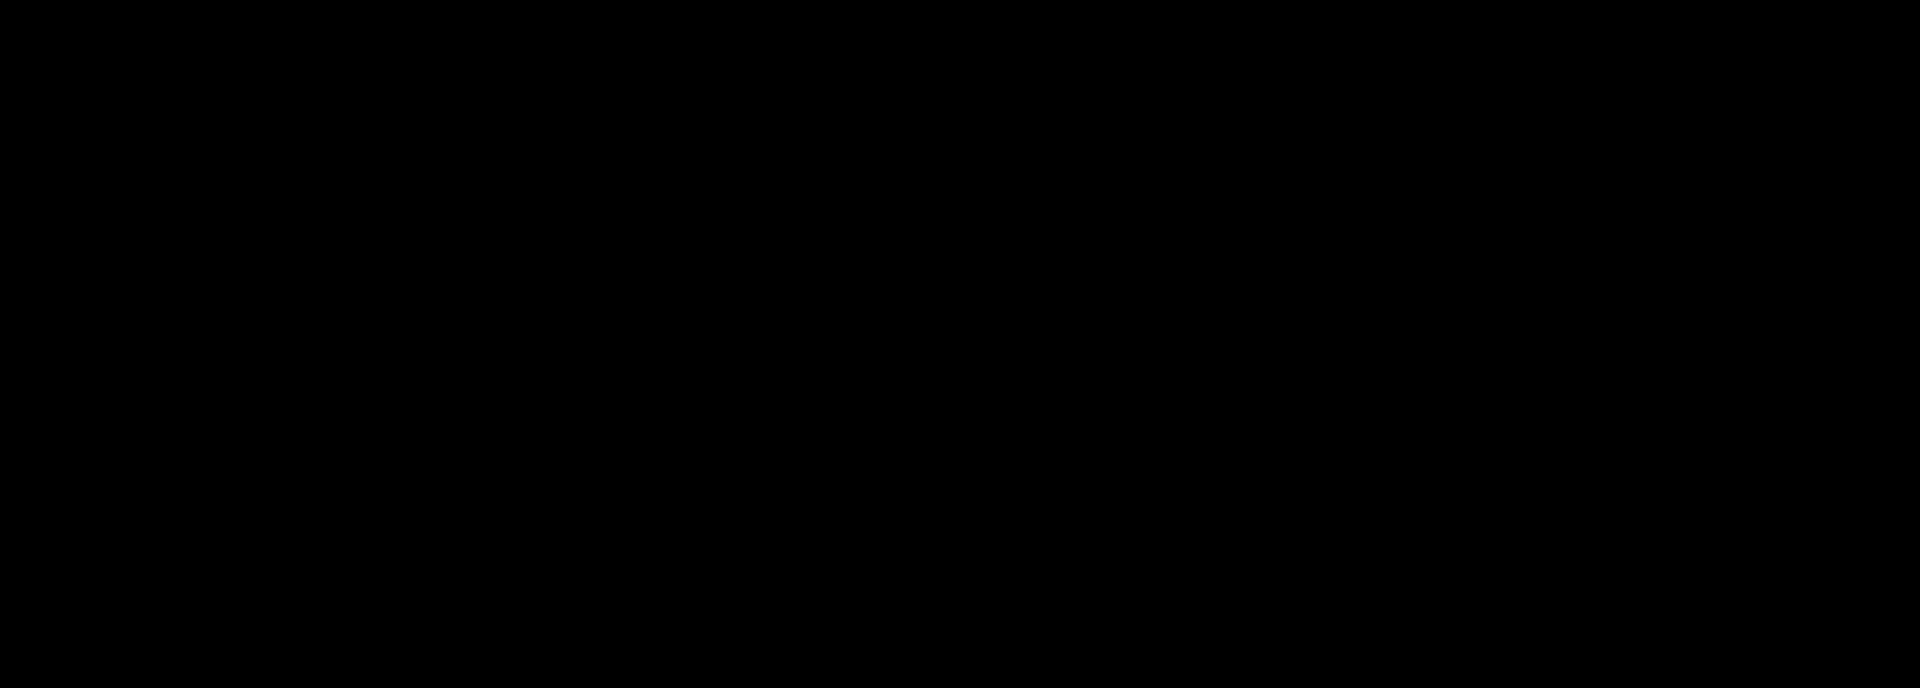 Сунитиниб